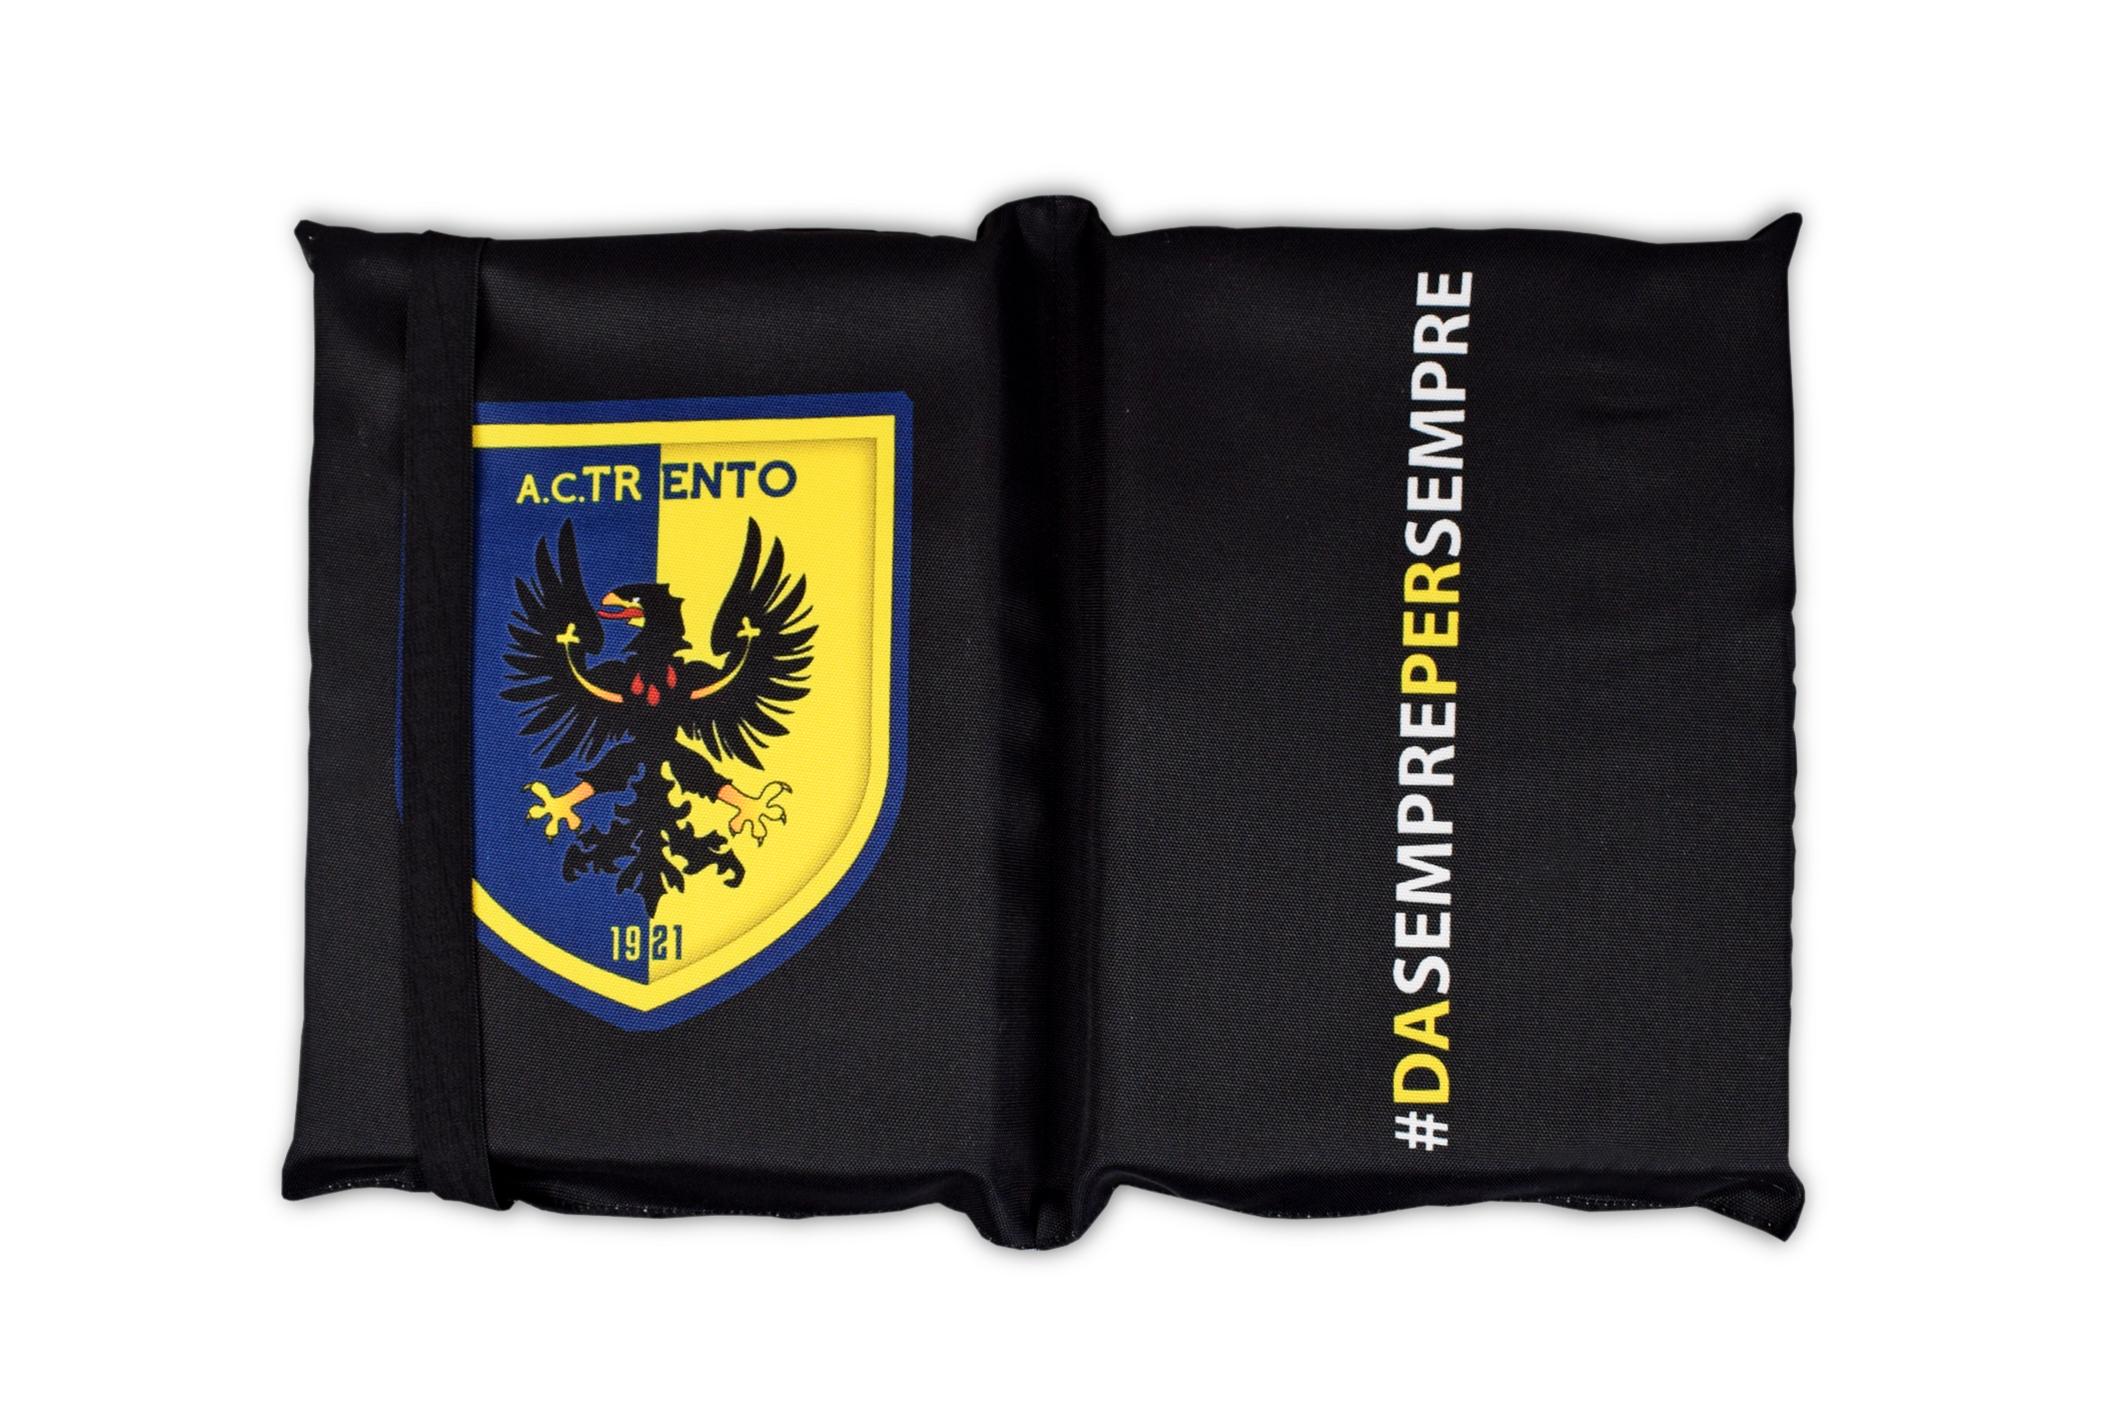 Cuscino da stadio personalizzato AC Trento